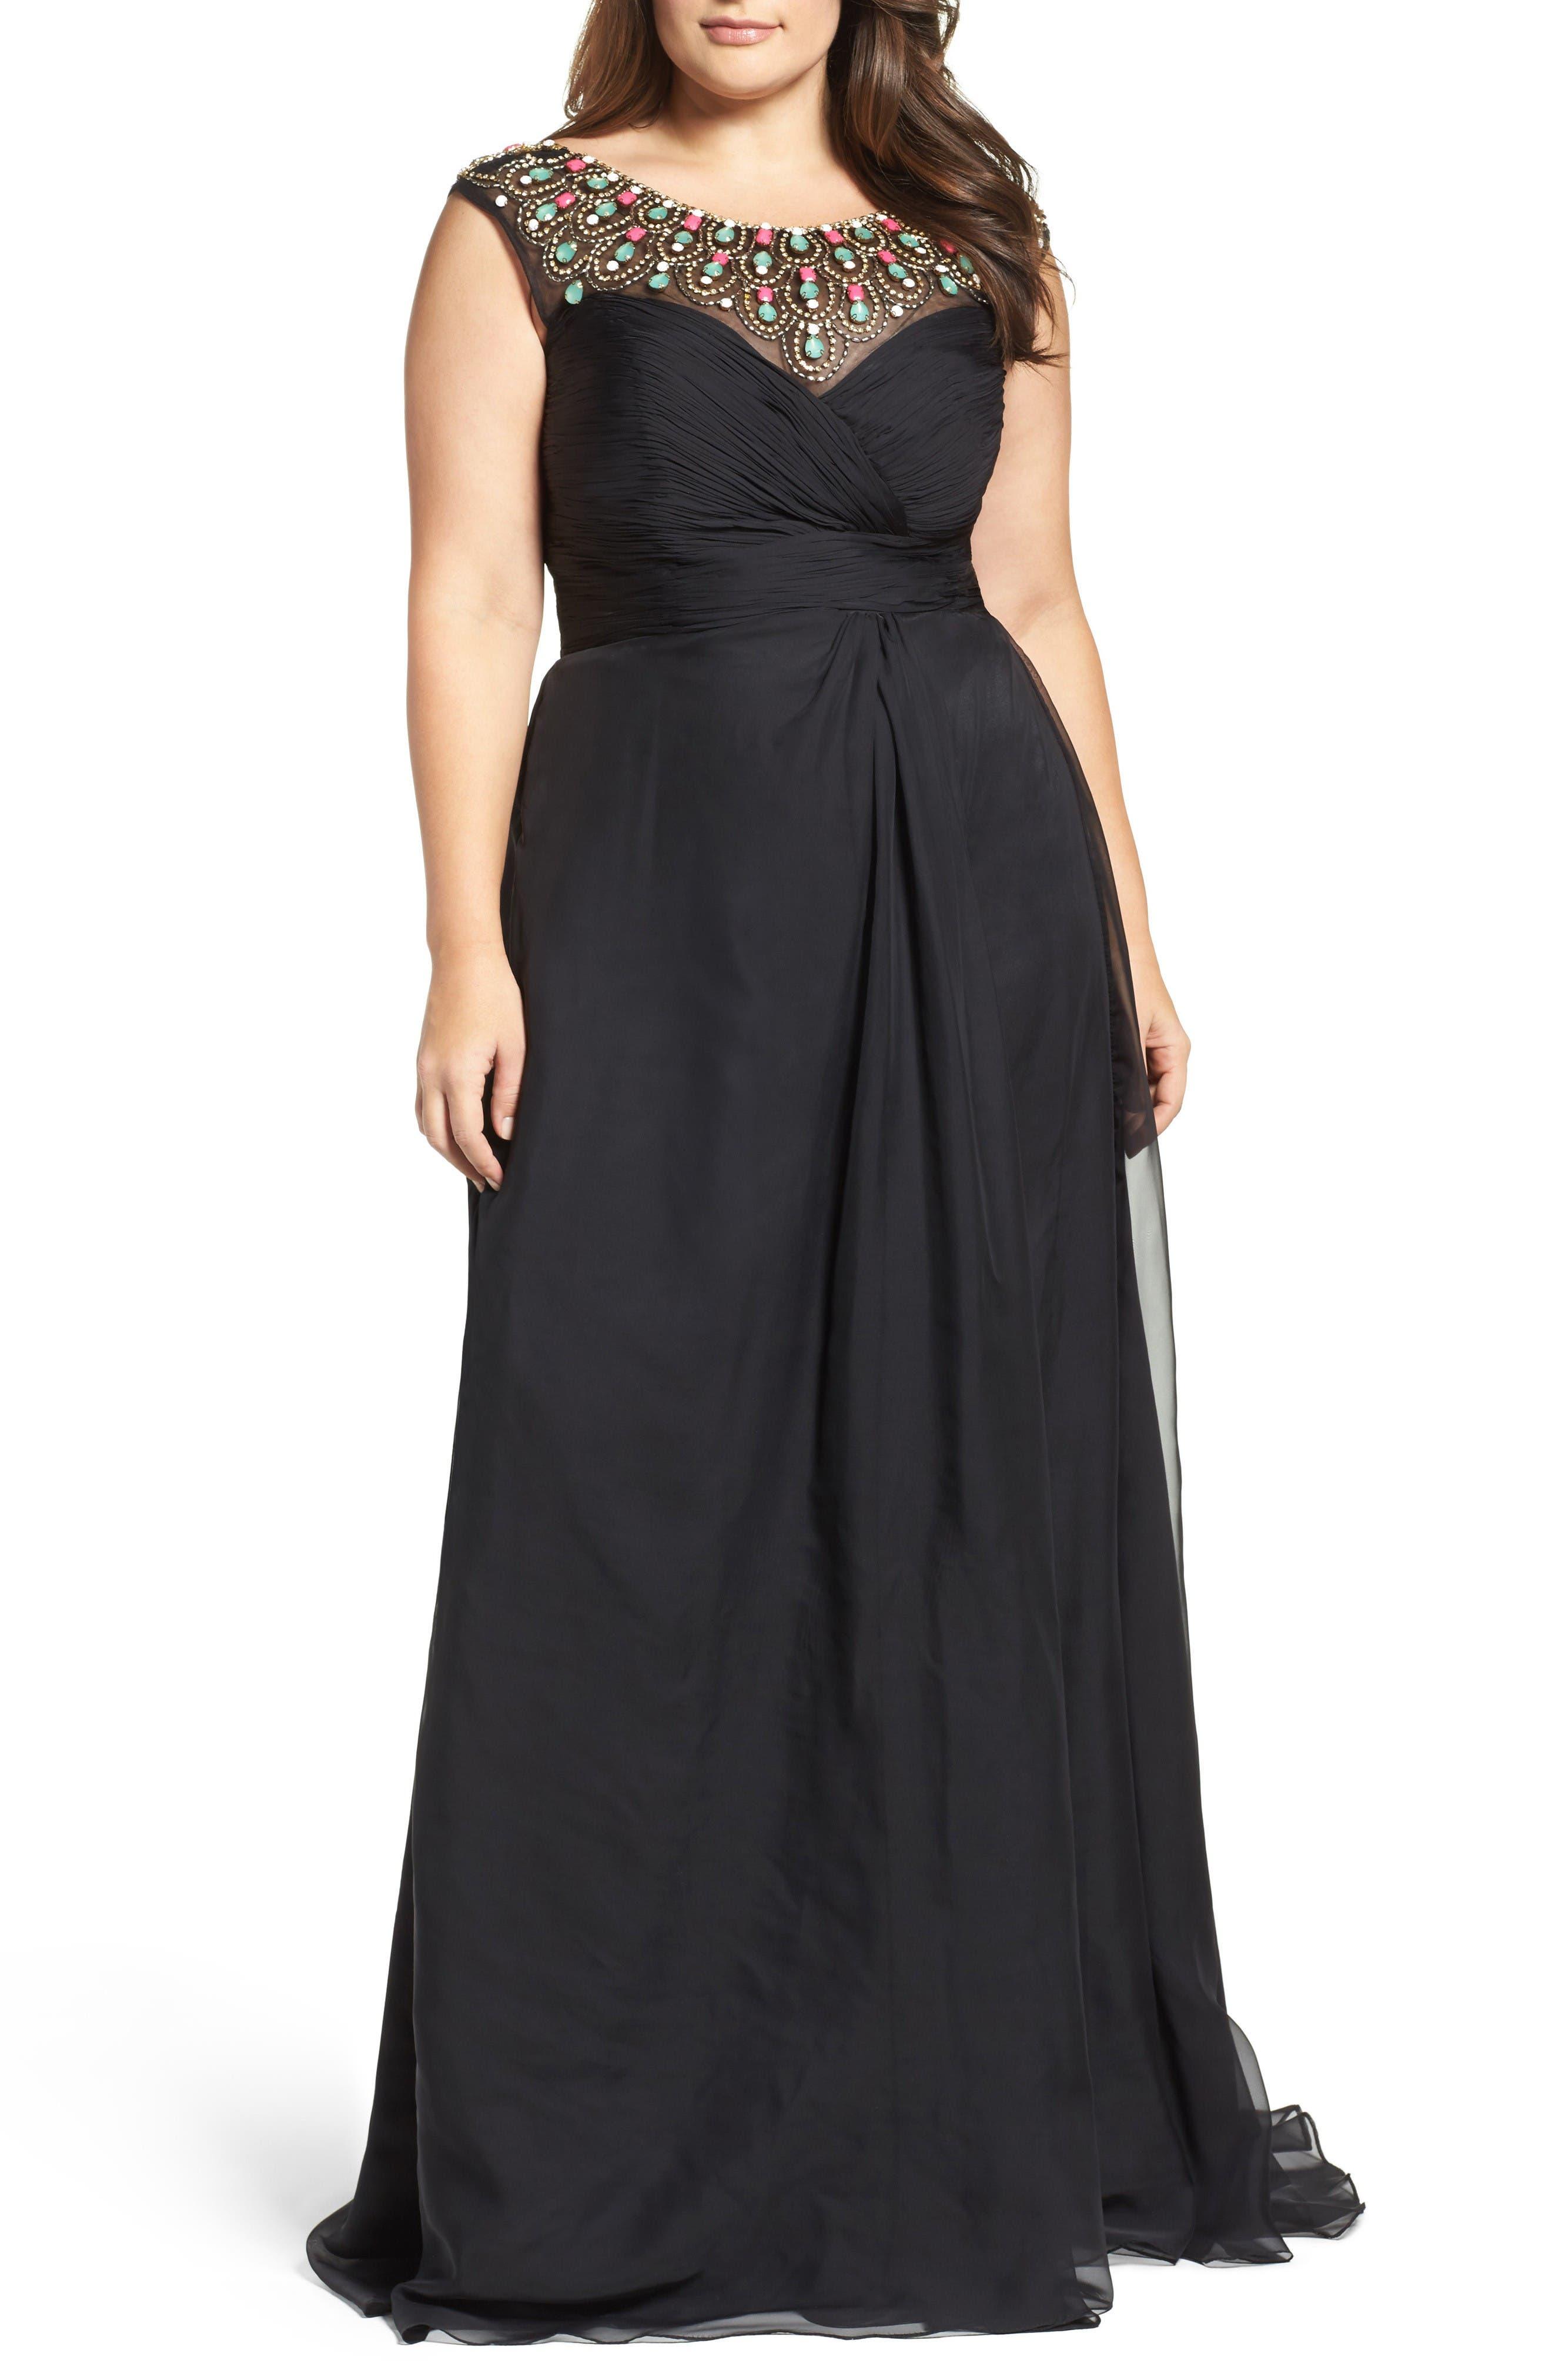 Embellished Goddess Gown,                         Main,                         color, Black Multi